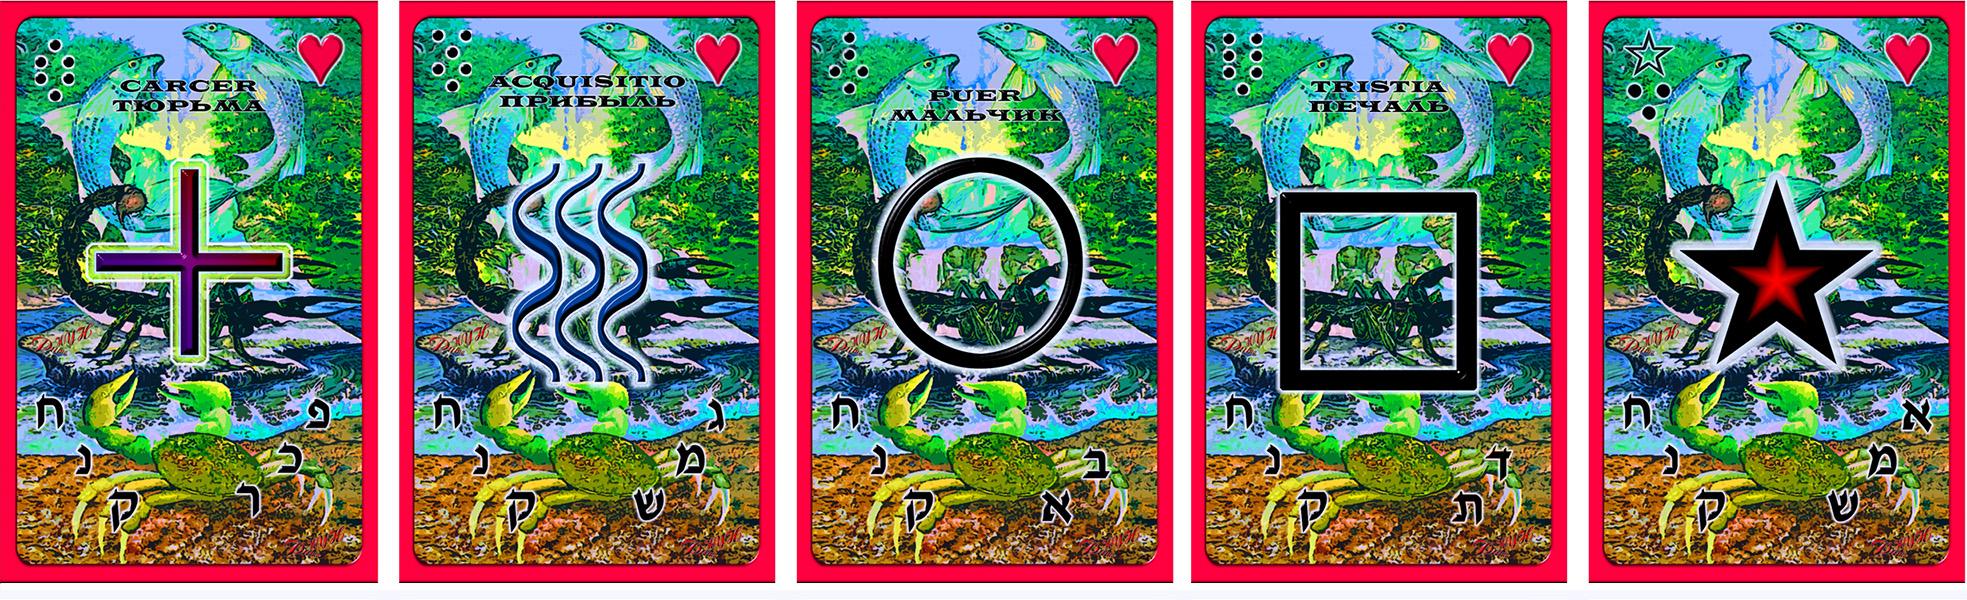 Зенер Тарот. Колода из 25 карт.